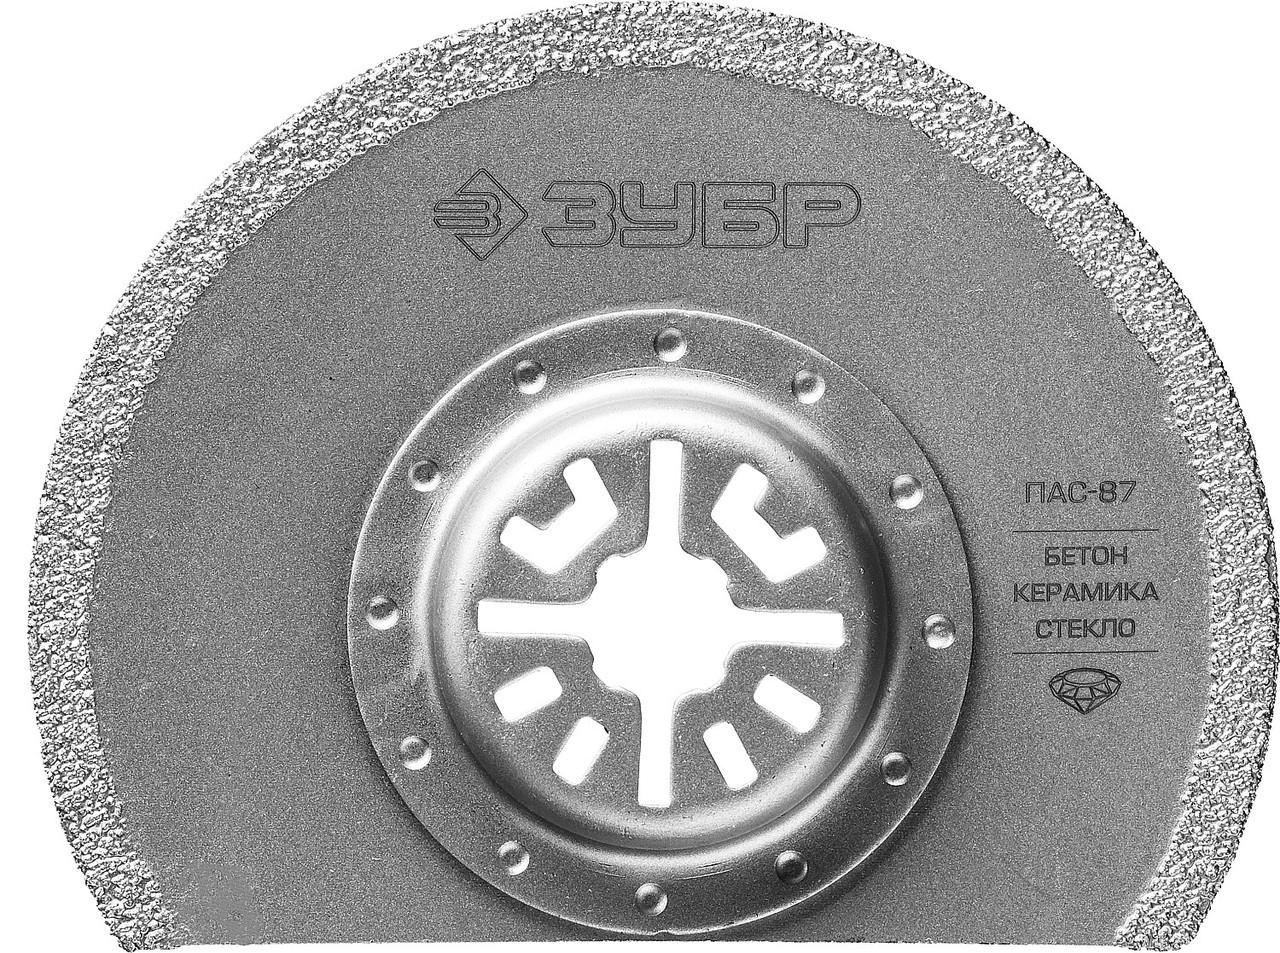 """Пильная насадка c алмазным напылением ПАС-87, ЗУБР, d 87 мм, сегментная, серия """"Профессионал"""" (15564-87)"""